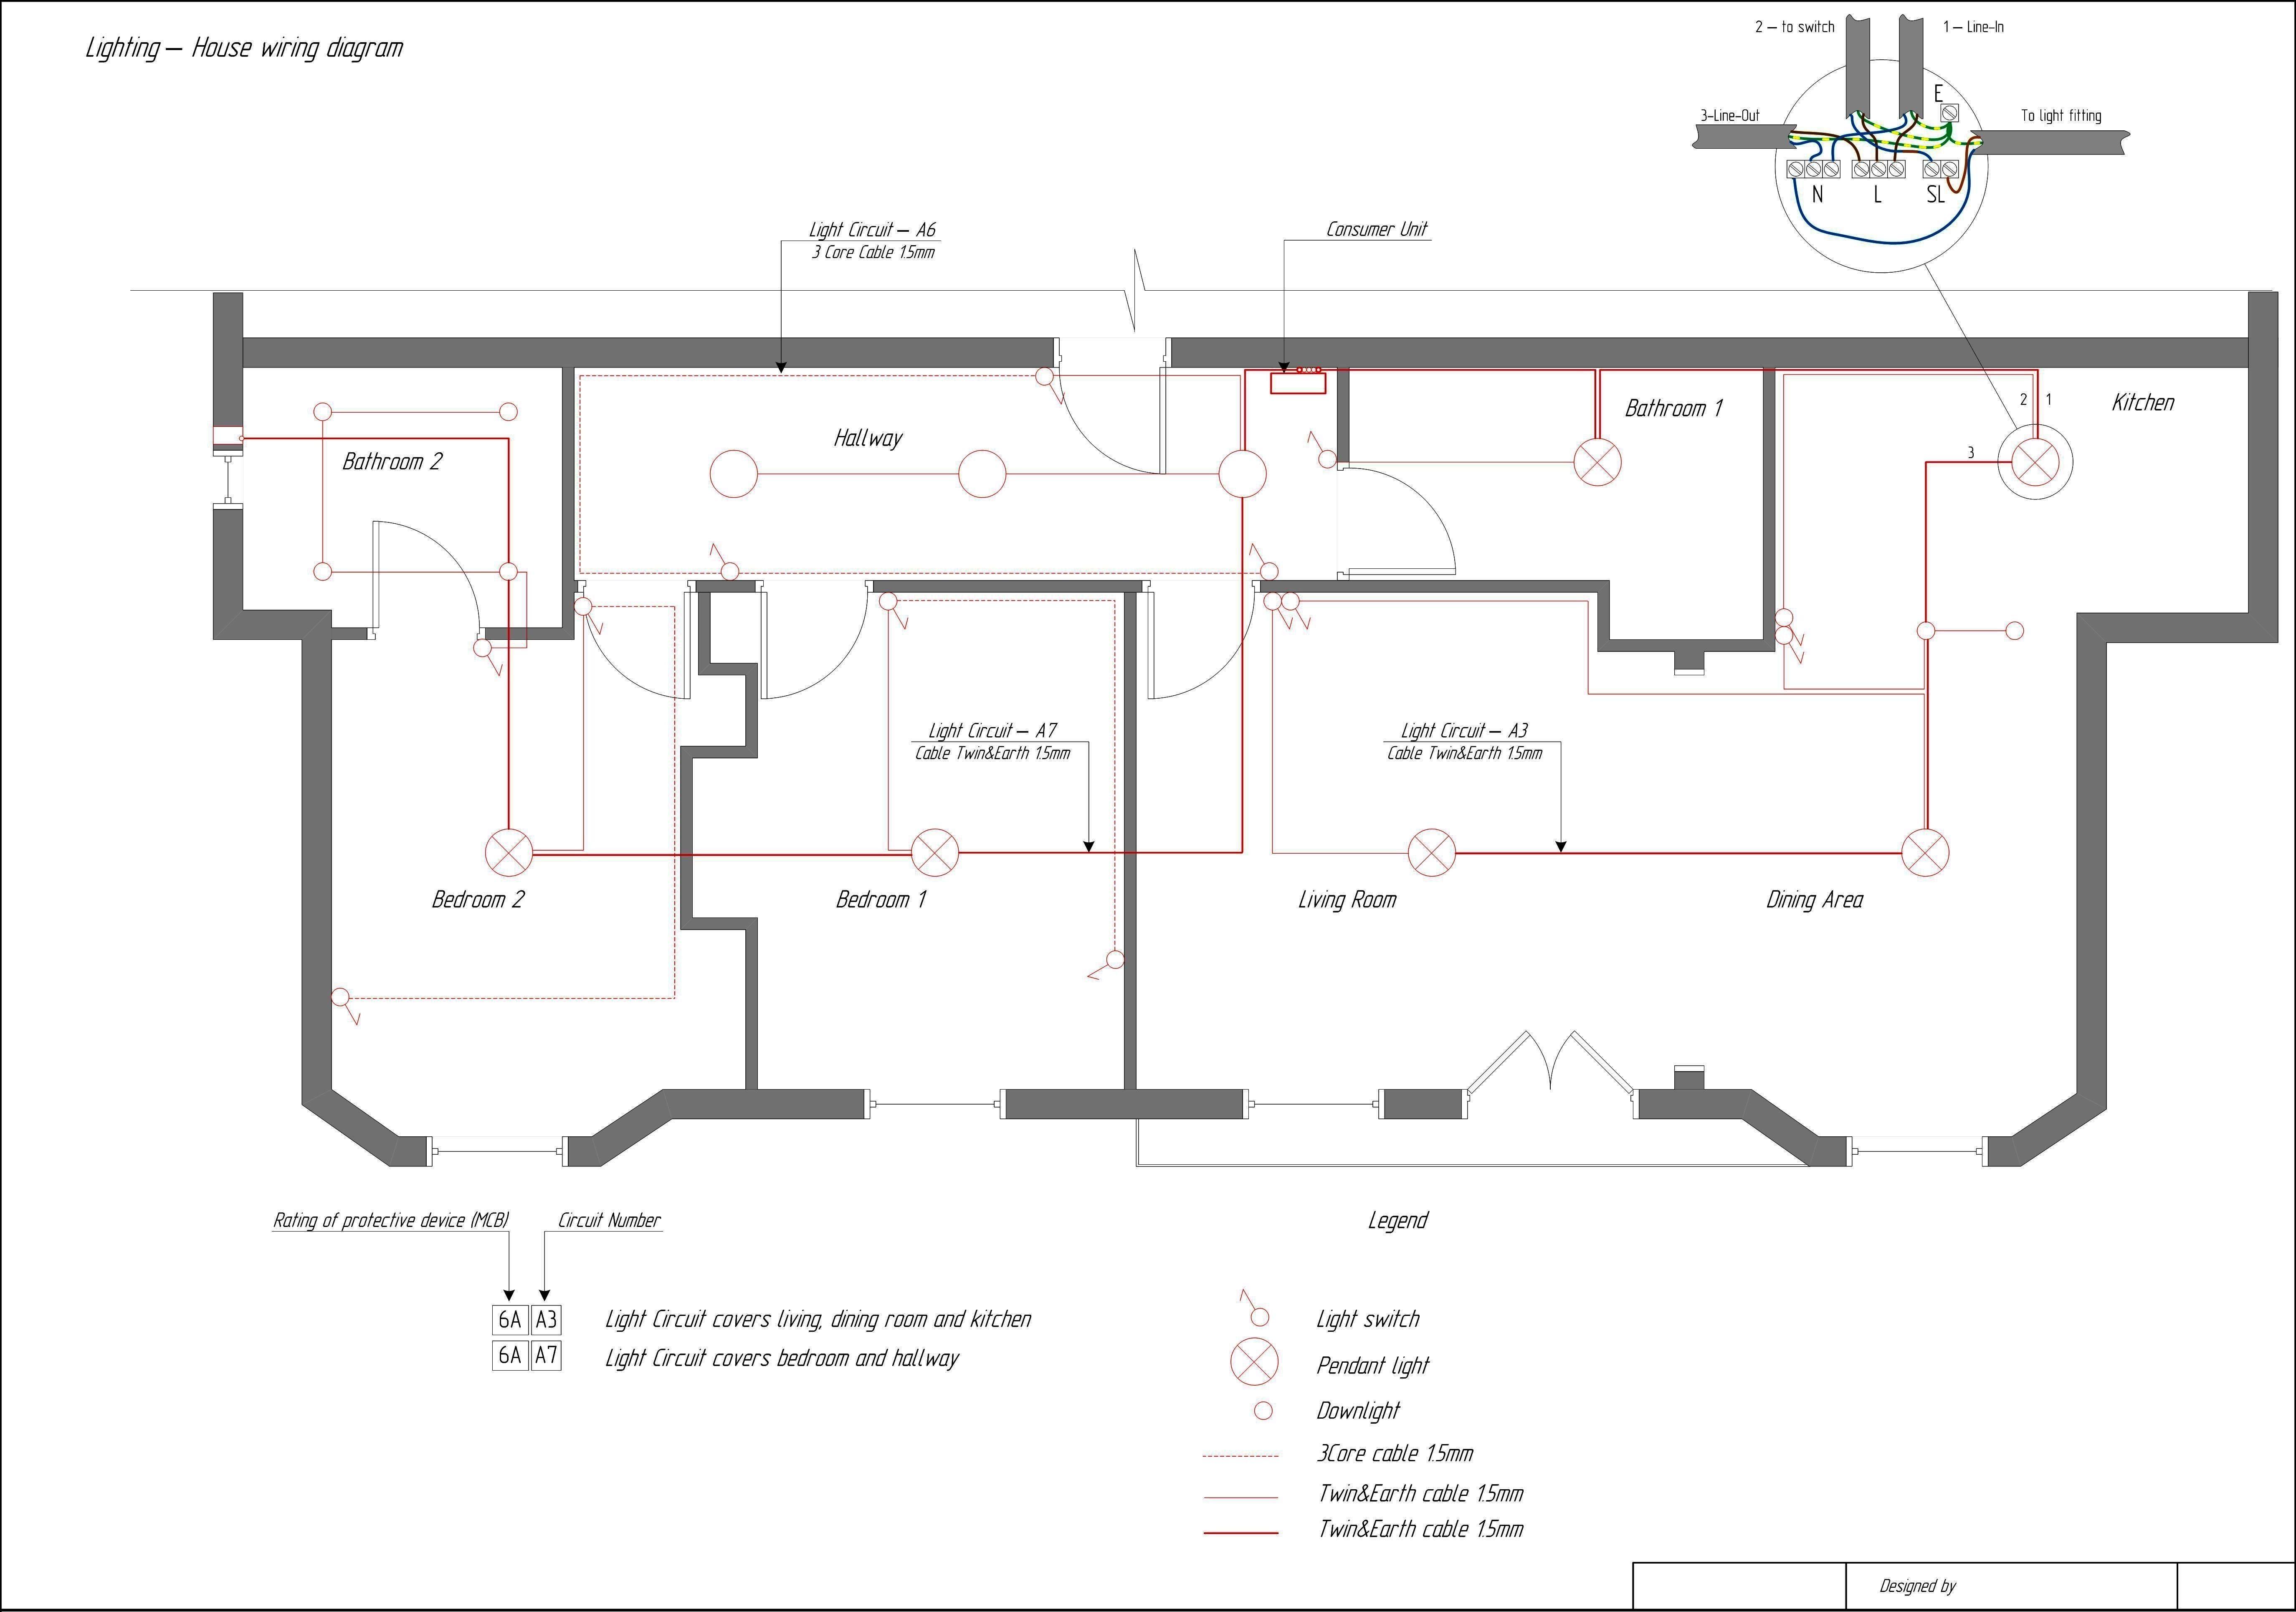 Unique House Wiring Diagram India Pdf #diagram #diagramsample  #diagramtemplate #wiringdiagram #d… | House wiring, Electrical circuit  diagram, Home electrical wiringPinterest